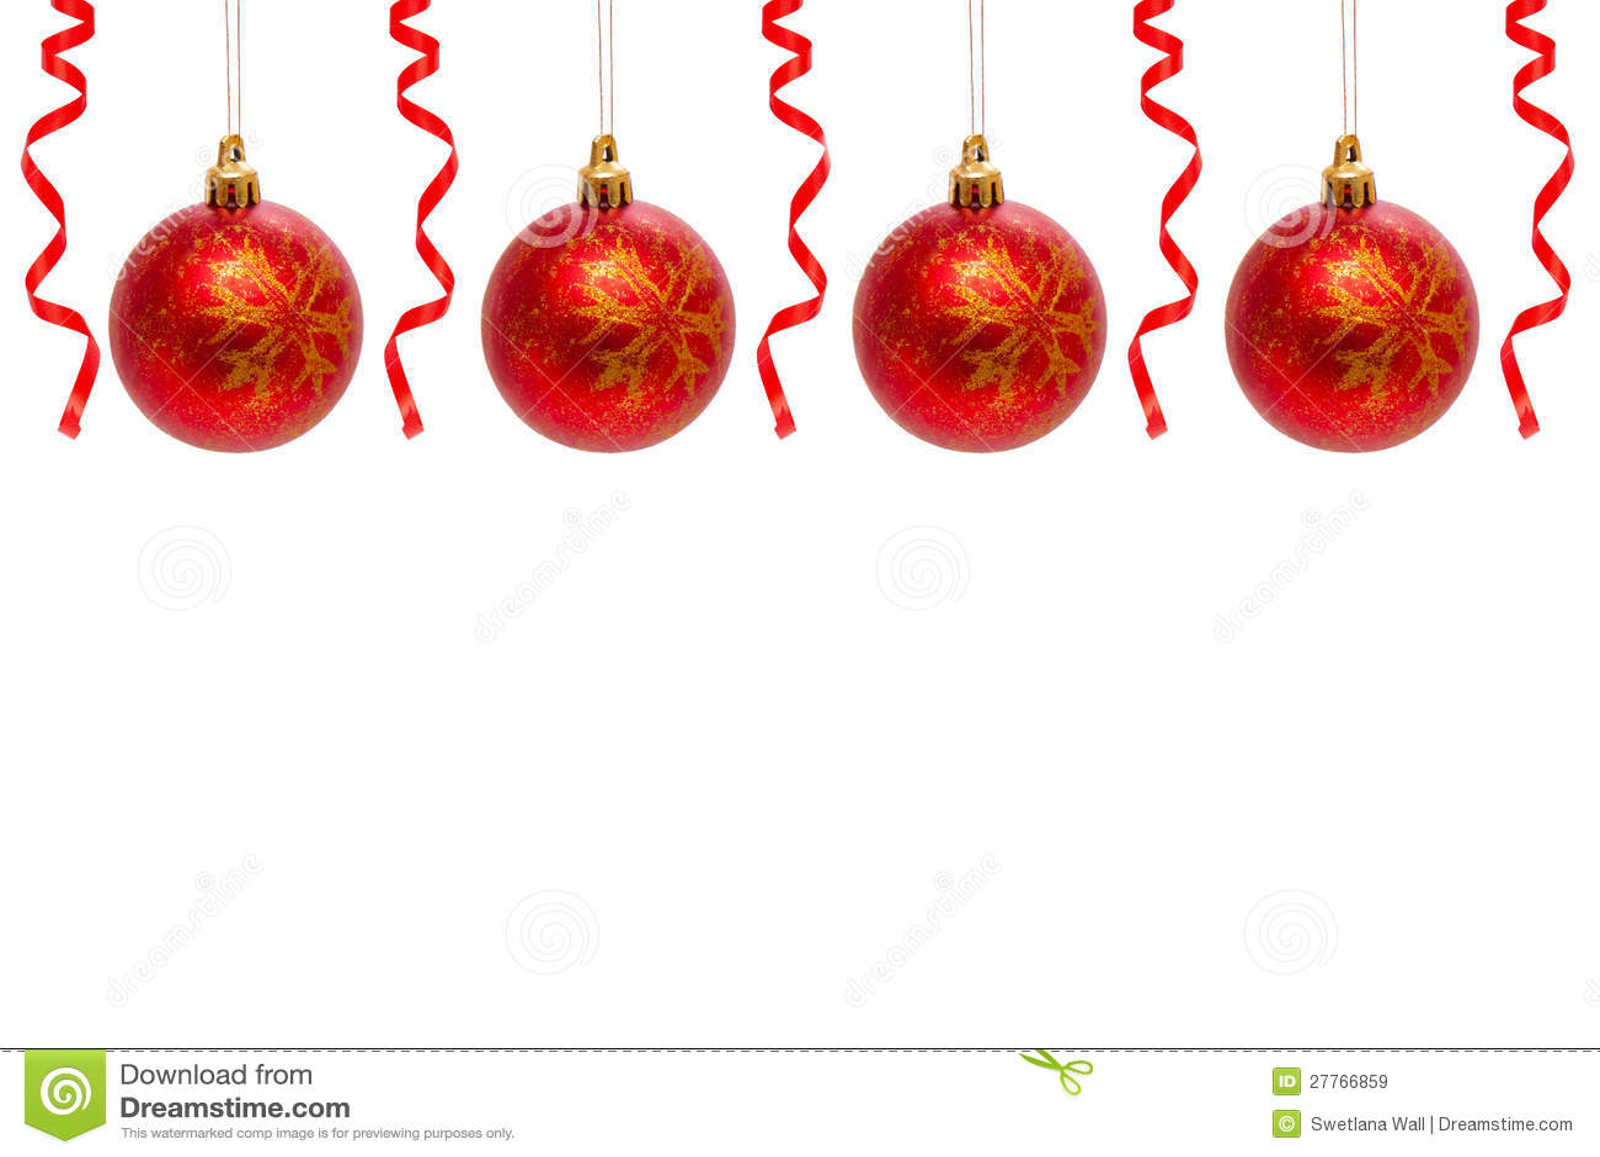 Billes rouges de Noël.